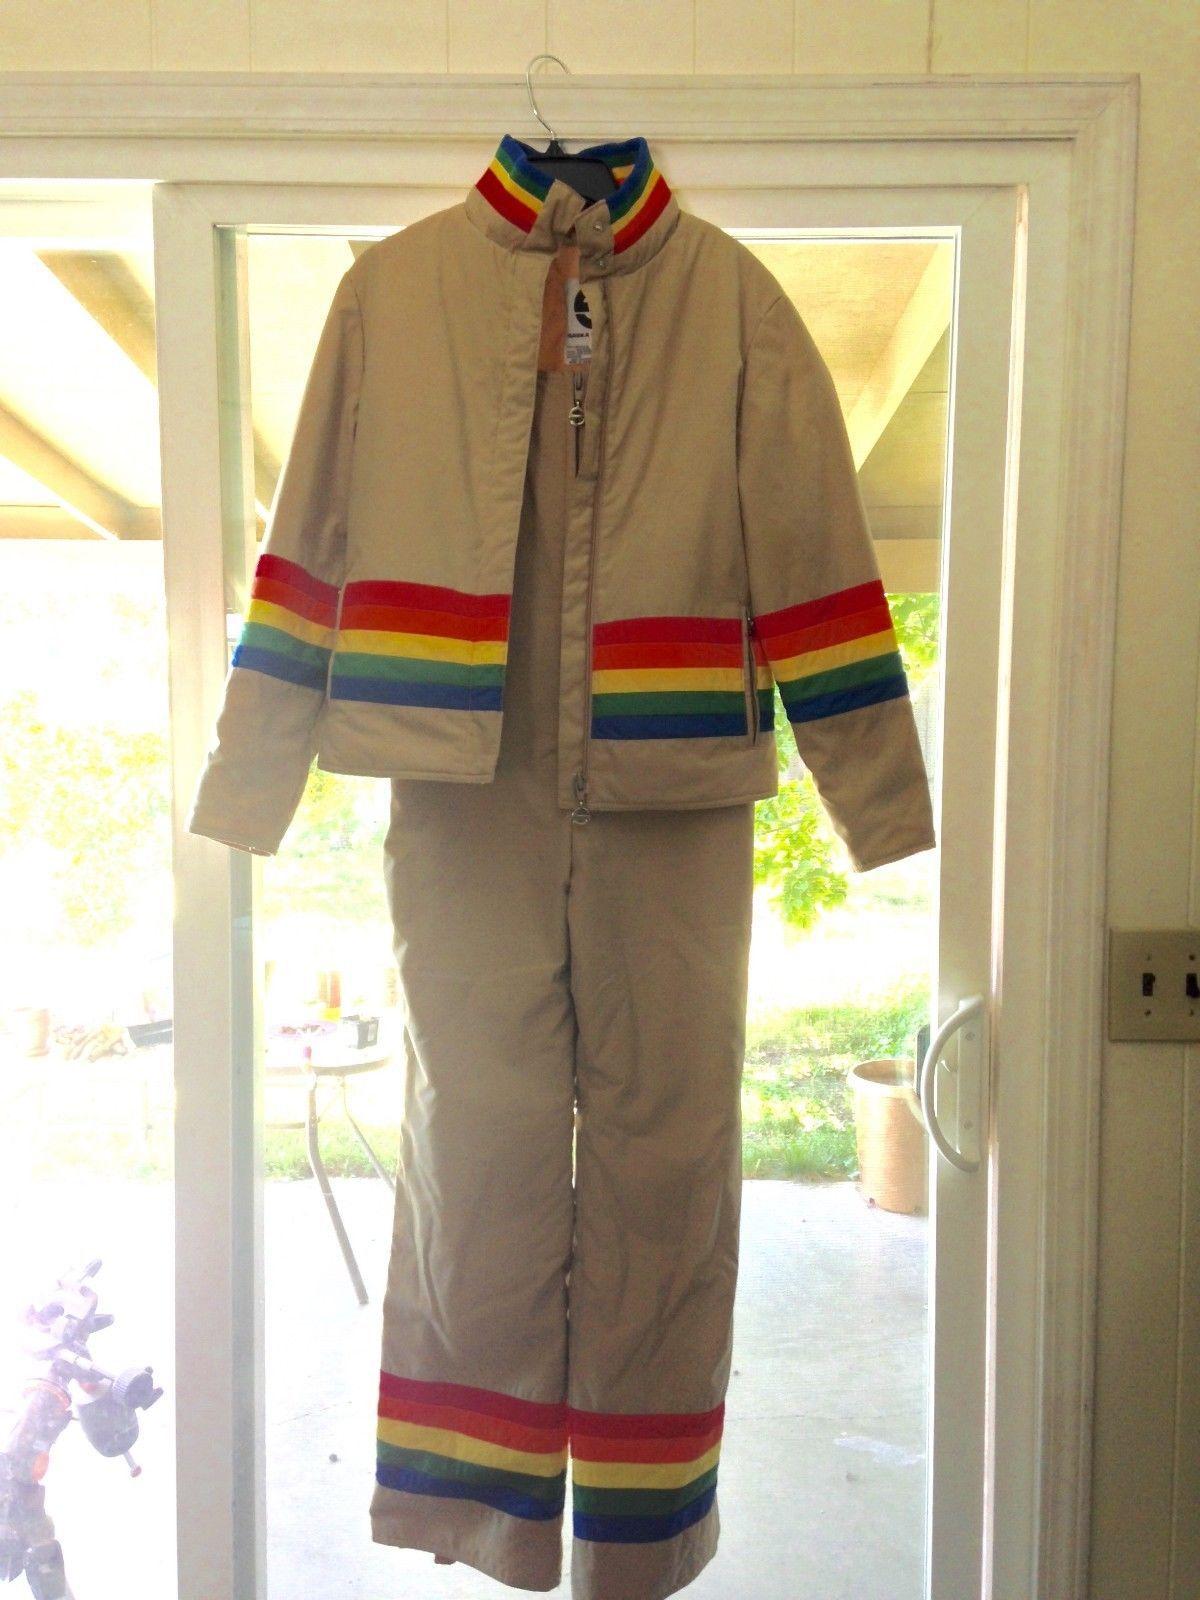 Vintage womens saska skiwear rainbow overalls and ski jacket set